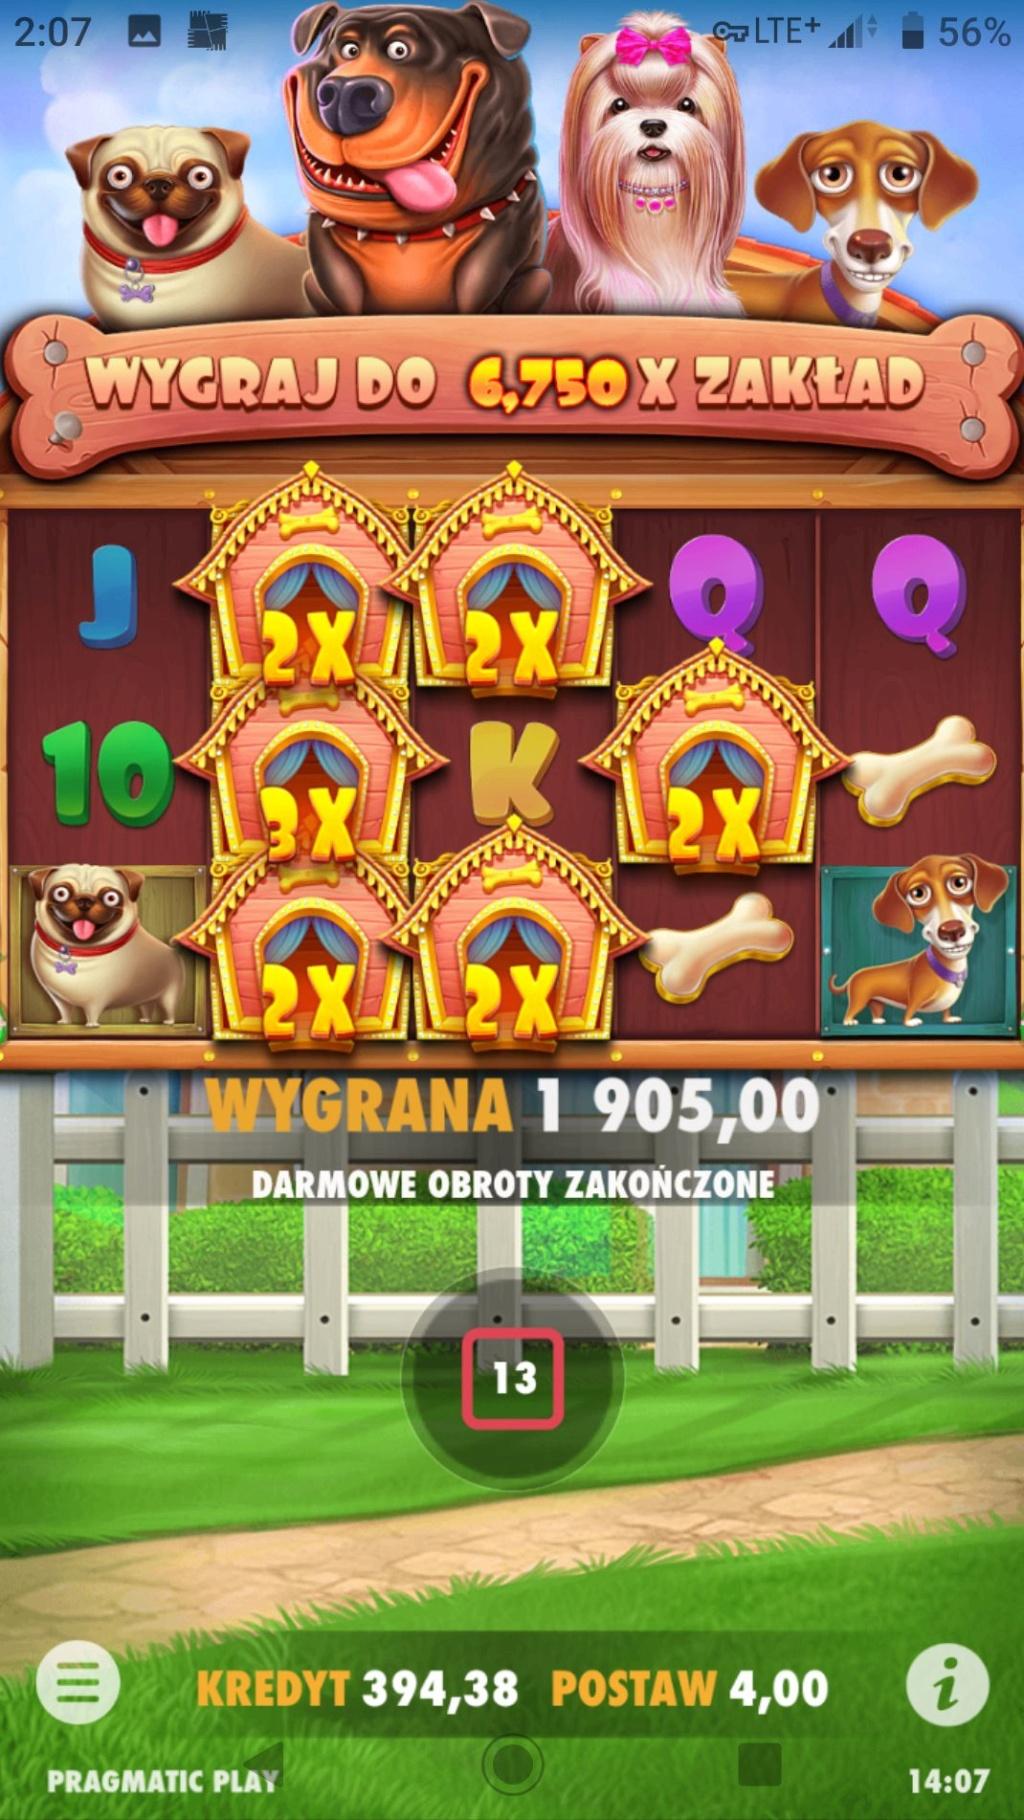 Screenshoty naszych wygranych (minimum 200zł - 50 euro) - kasyno - Page 34 33310